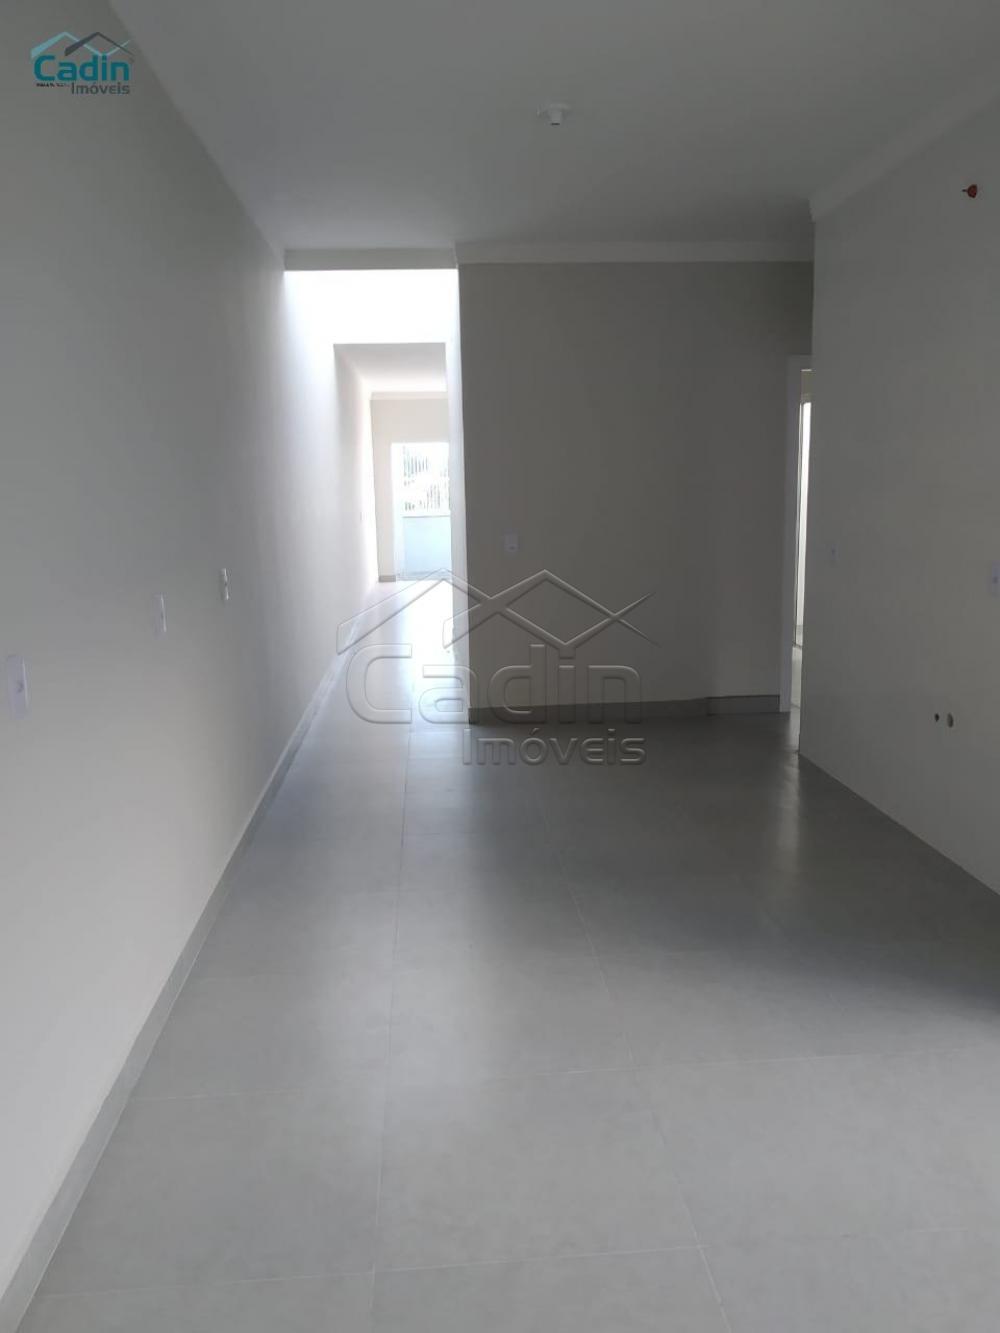 Comprar Casa / Padrão em Navegantes R$ 330.000,00 - Foto 14